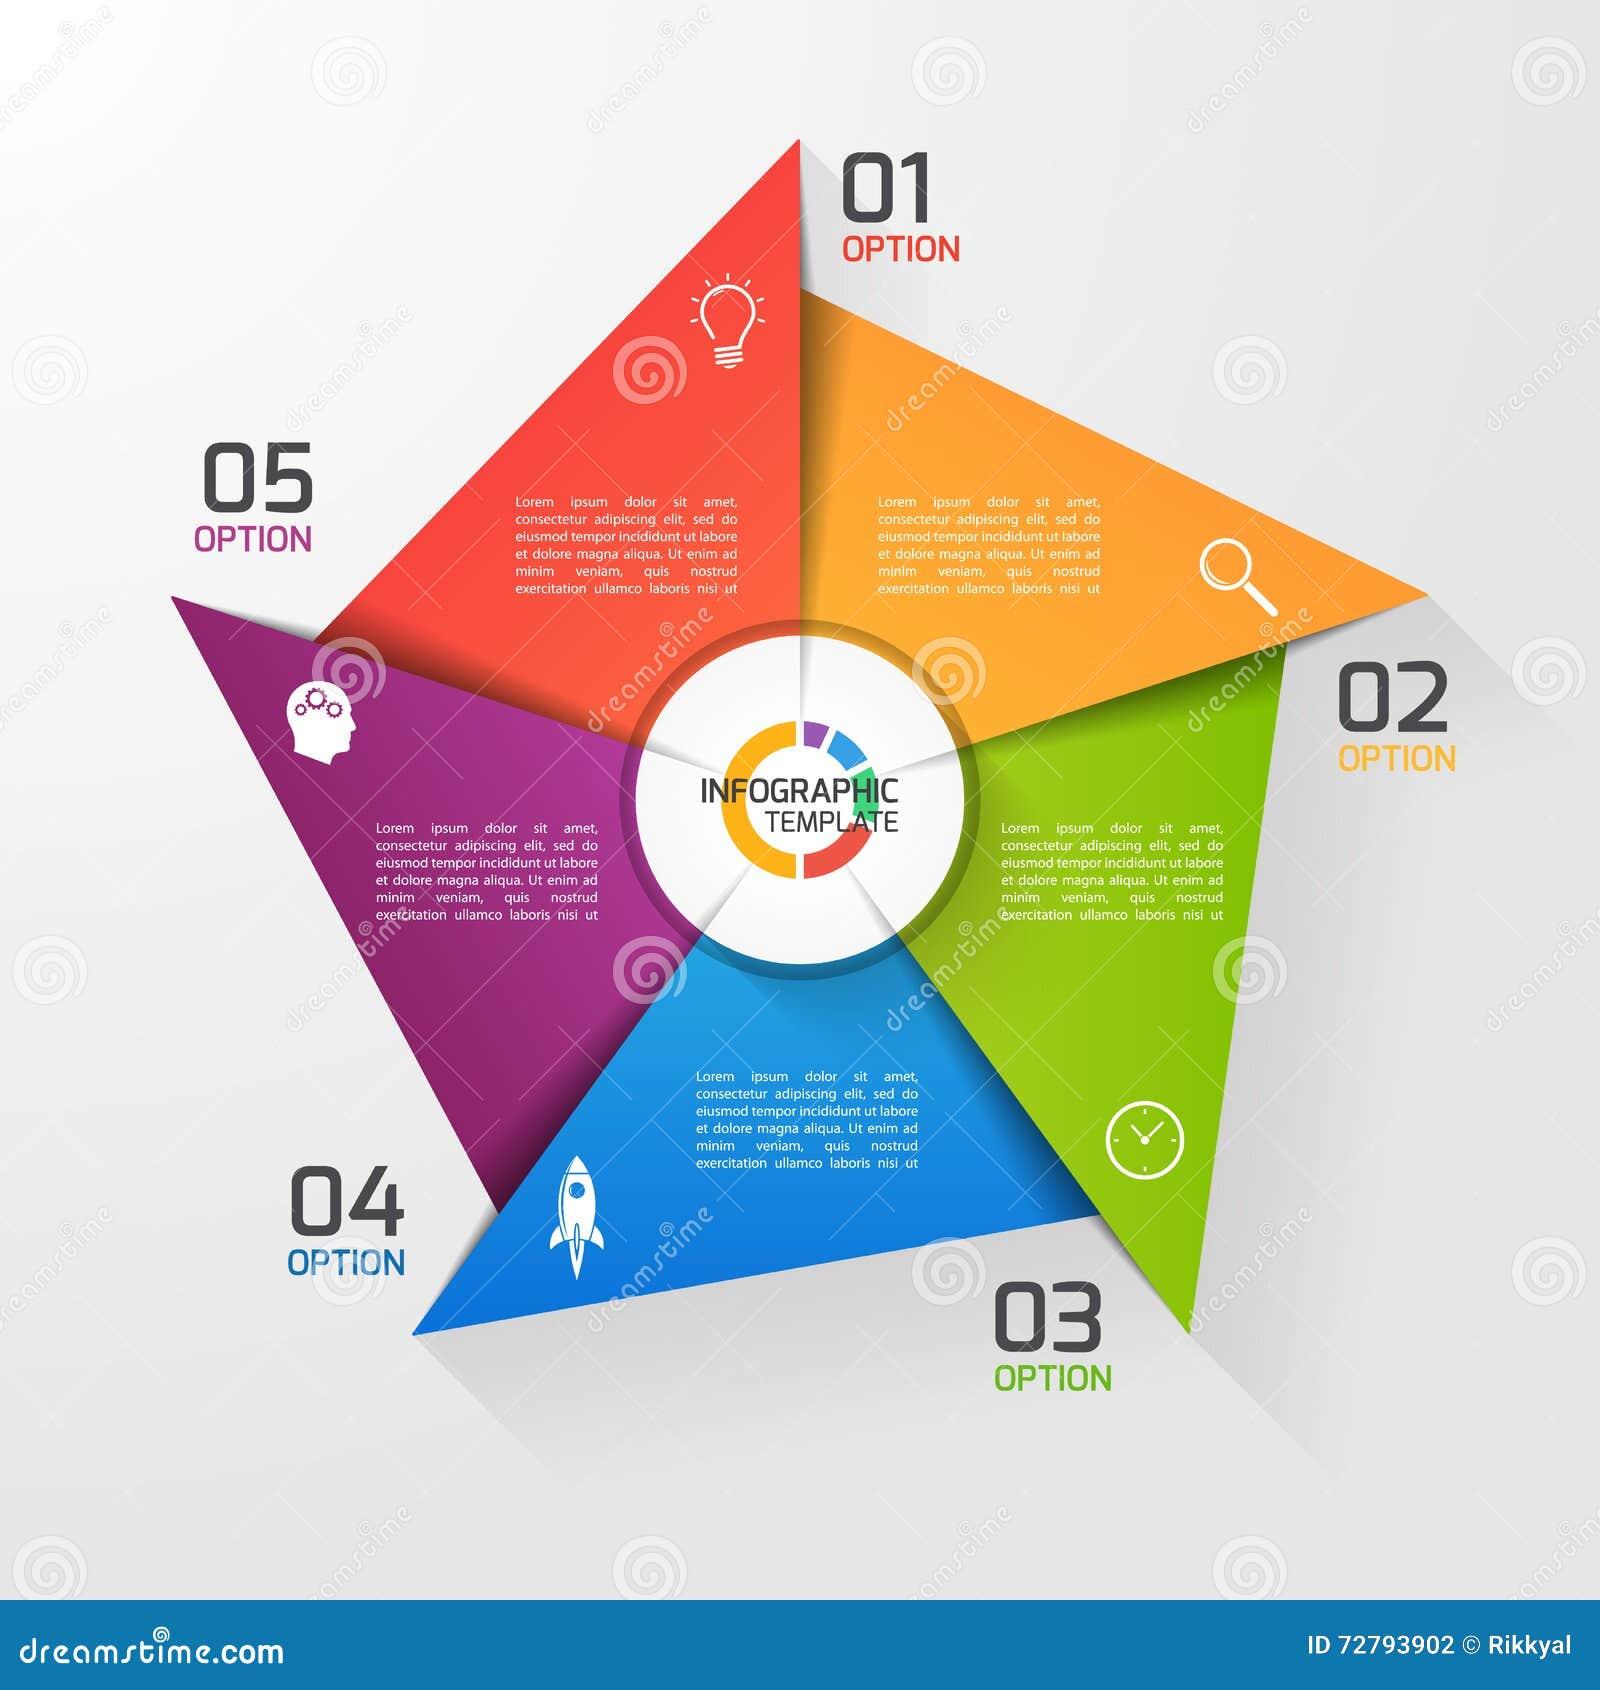 Molde infographic do círculo do estilo do moinho de vento para gráficos, cartas